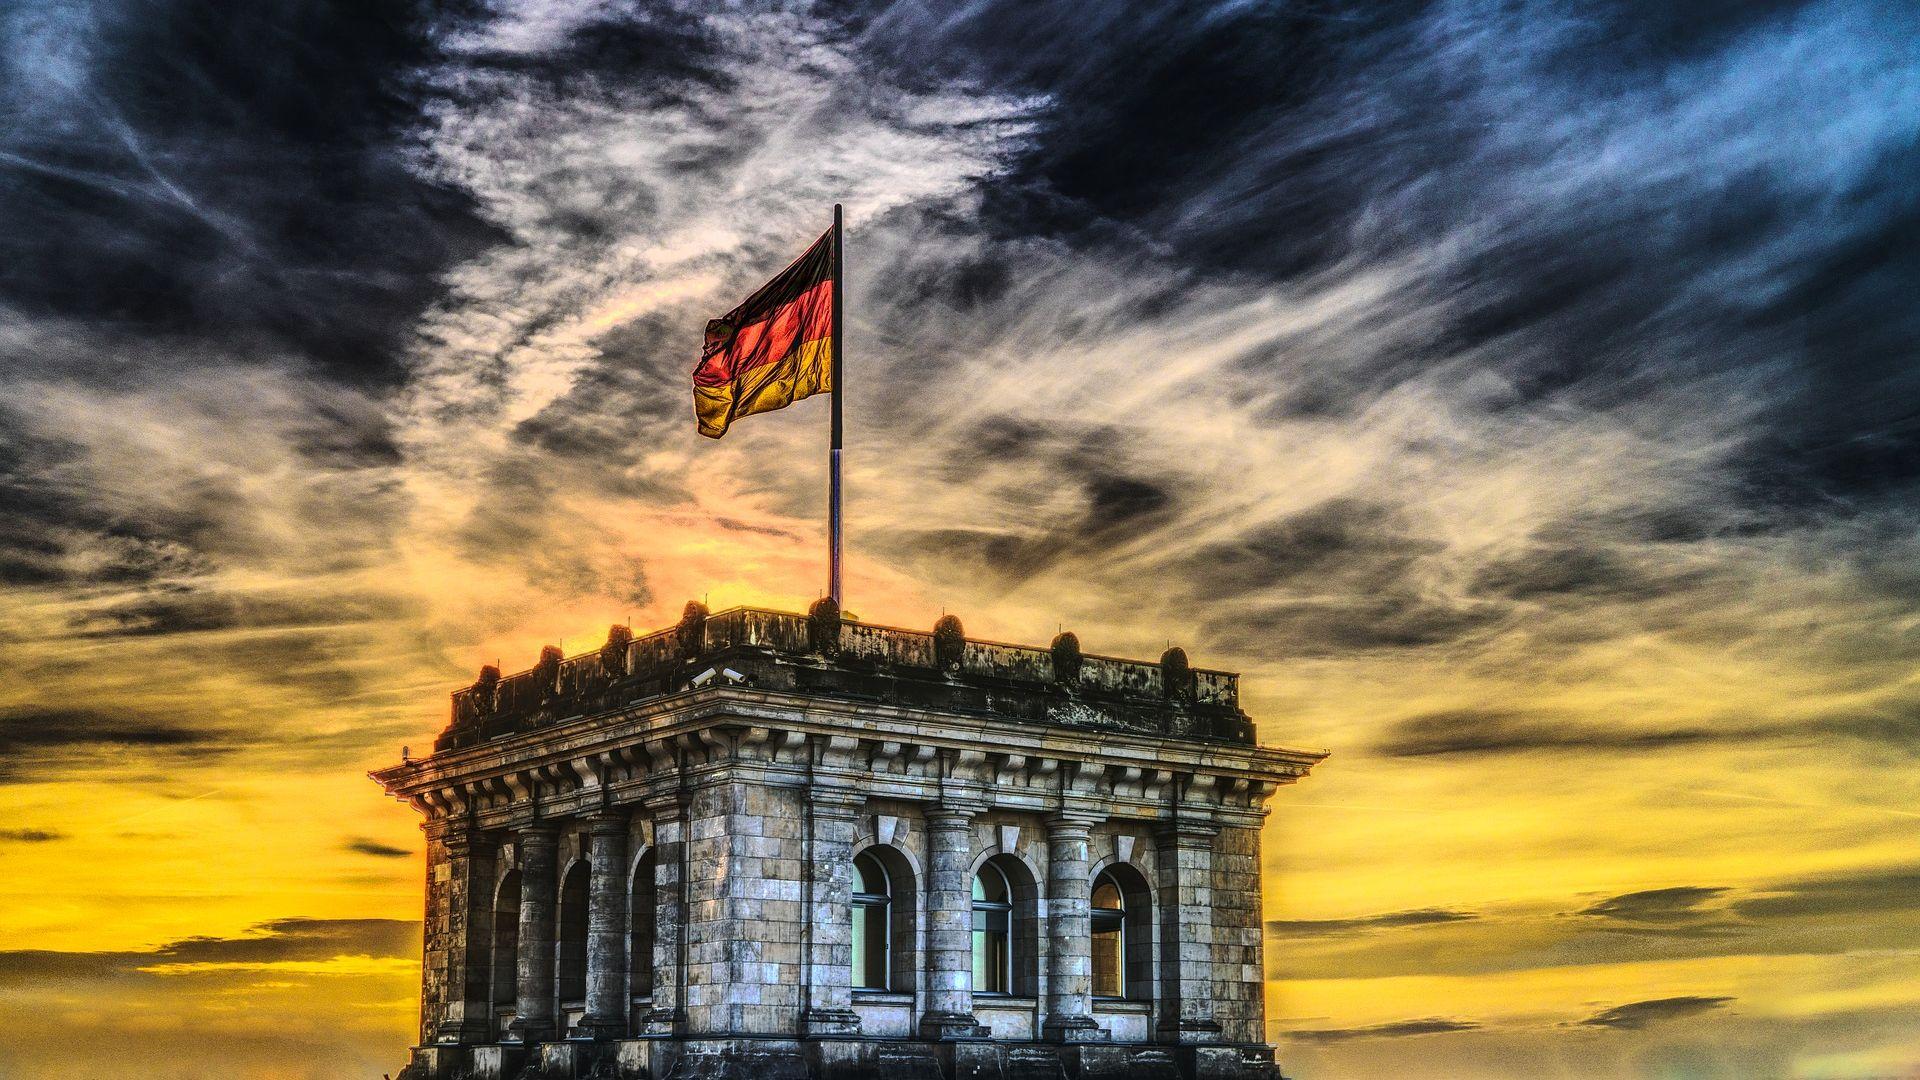 infas Institut für angewandte Sozialwissenschaften: Die Vermächtnisstudie: Was die Deutschen bewegt